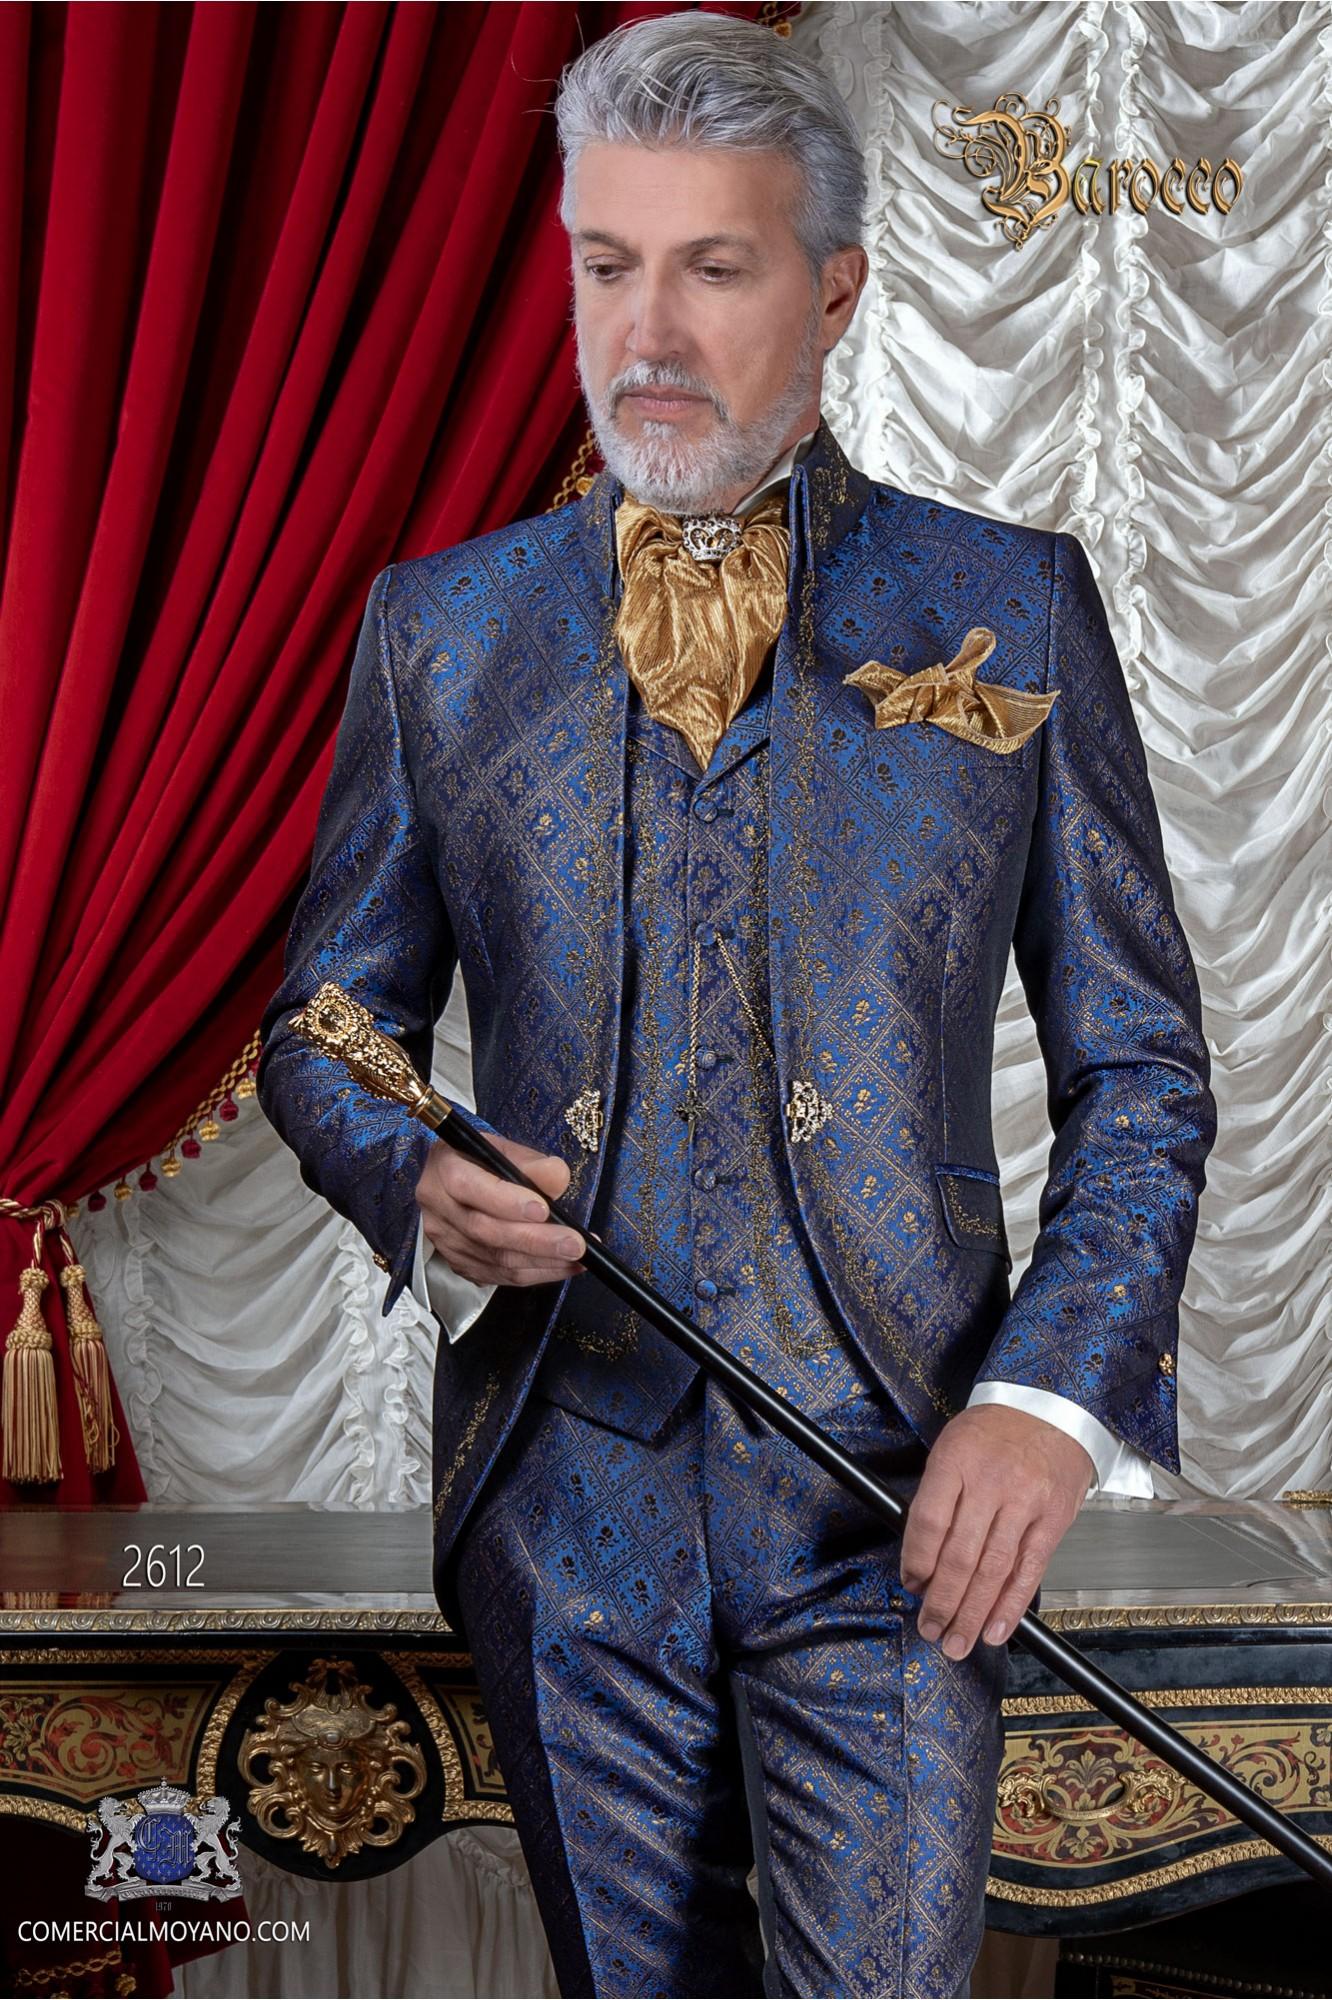 Traje de novio barroco, levita de época cuello Napoleón en tejido brocado azul-oro con bordados dorados